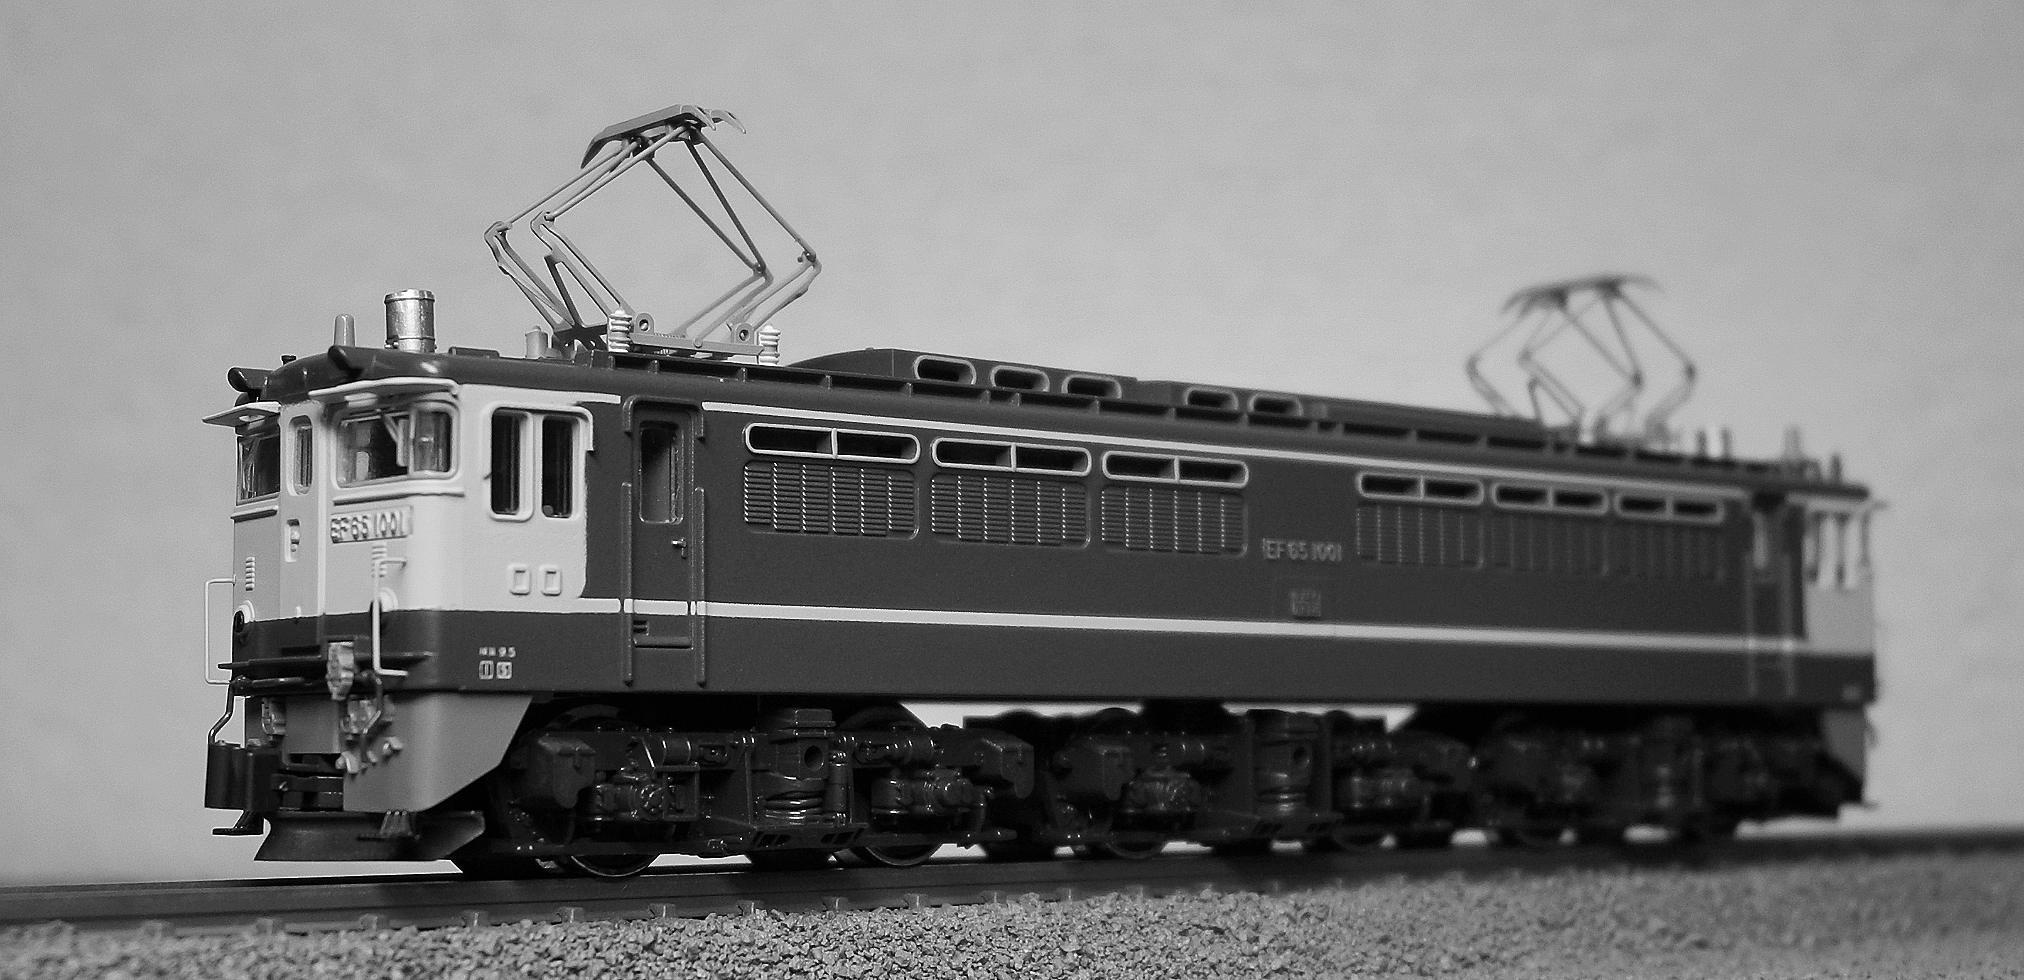 DSCN8562-2.jpg